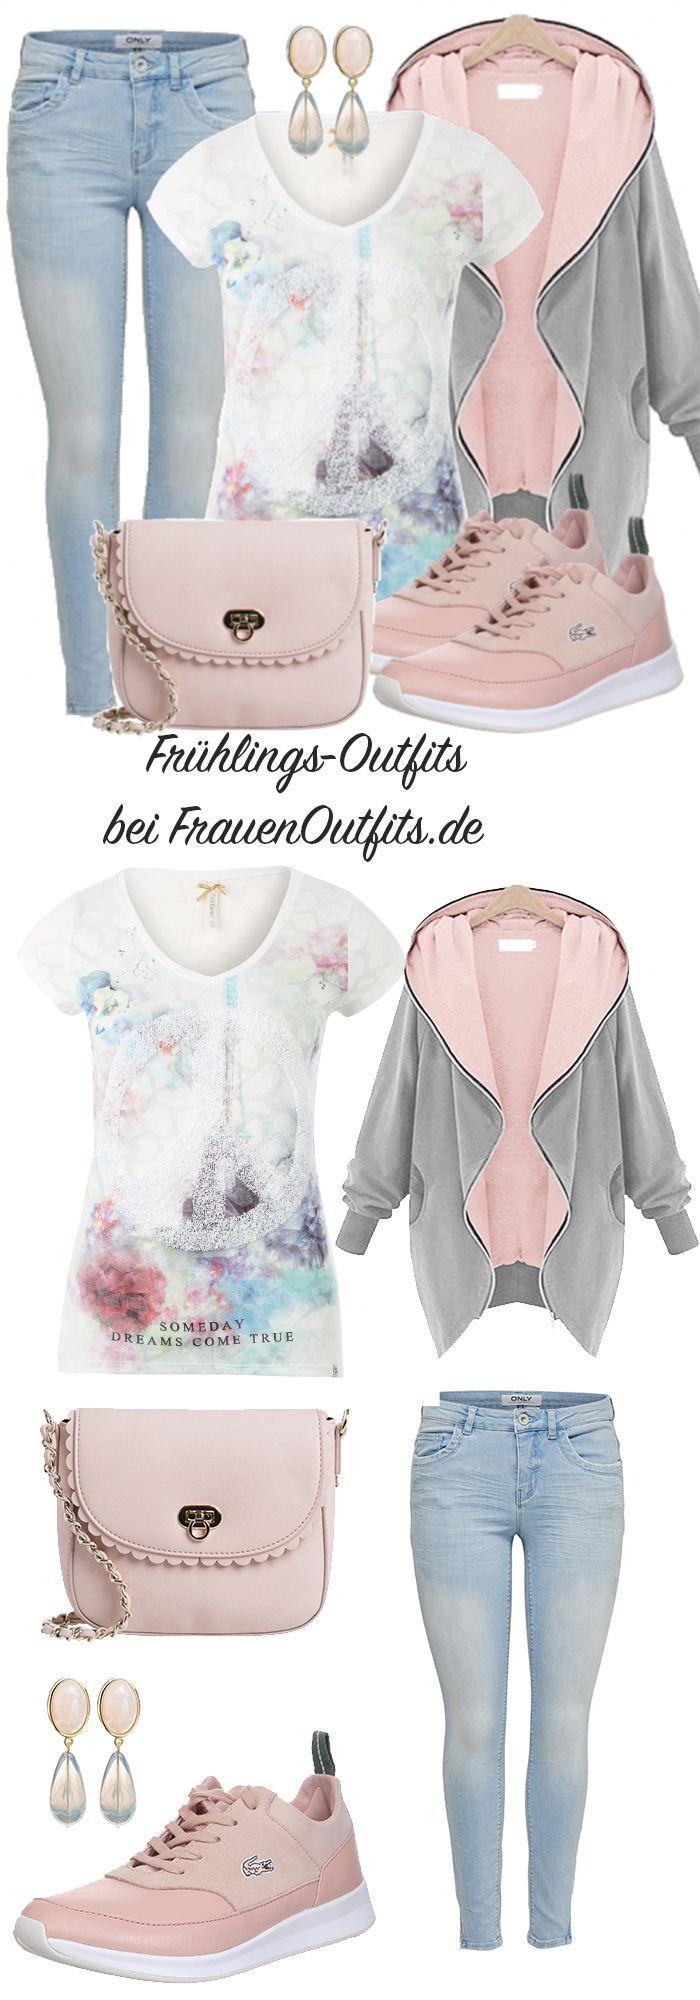 Traje de París – trajes de primavera en FrauenOutfits.de